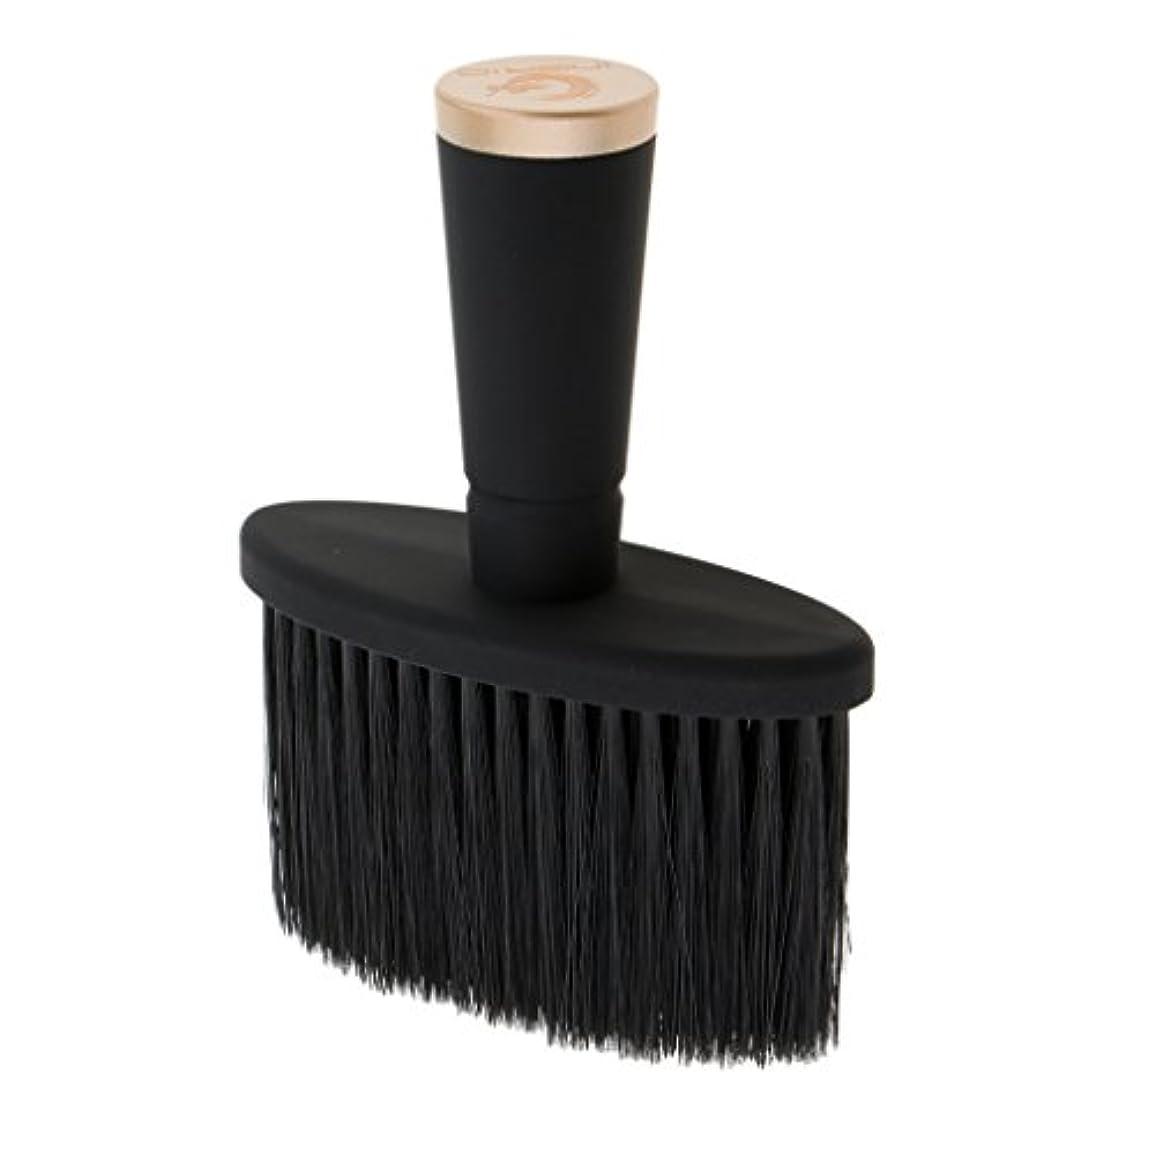 材料説明時代遅れネックダスターブラシ ソフト ネックダスターブラシ サロン スタイリスト 理髪 メイクツール 全2色 - ゴールド